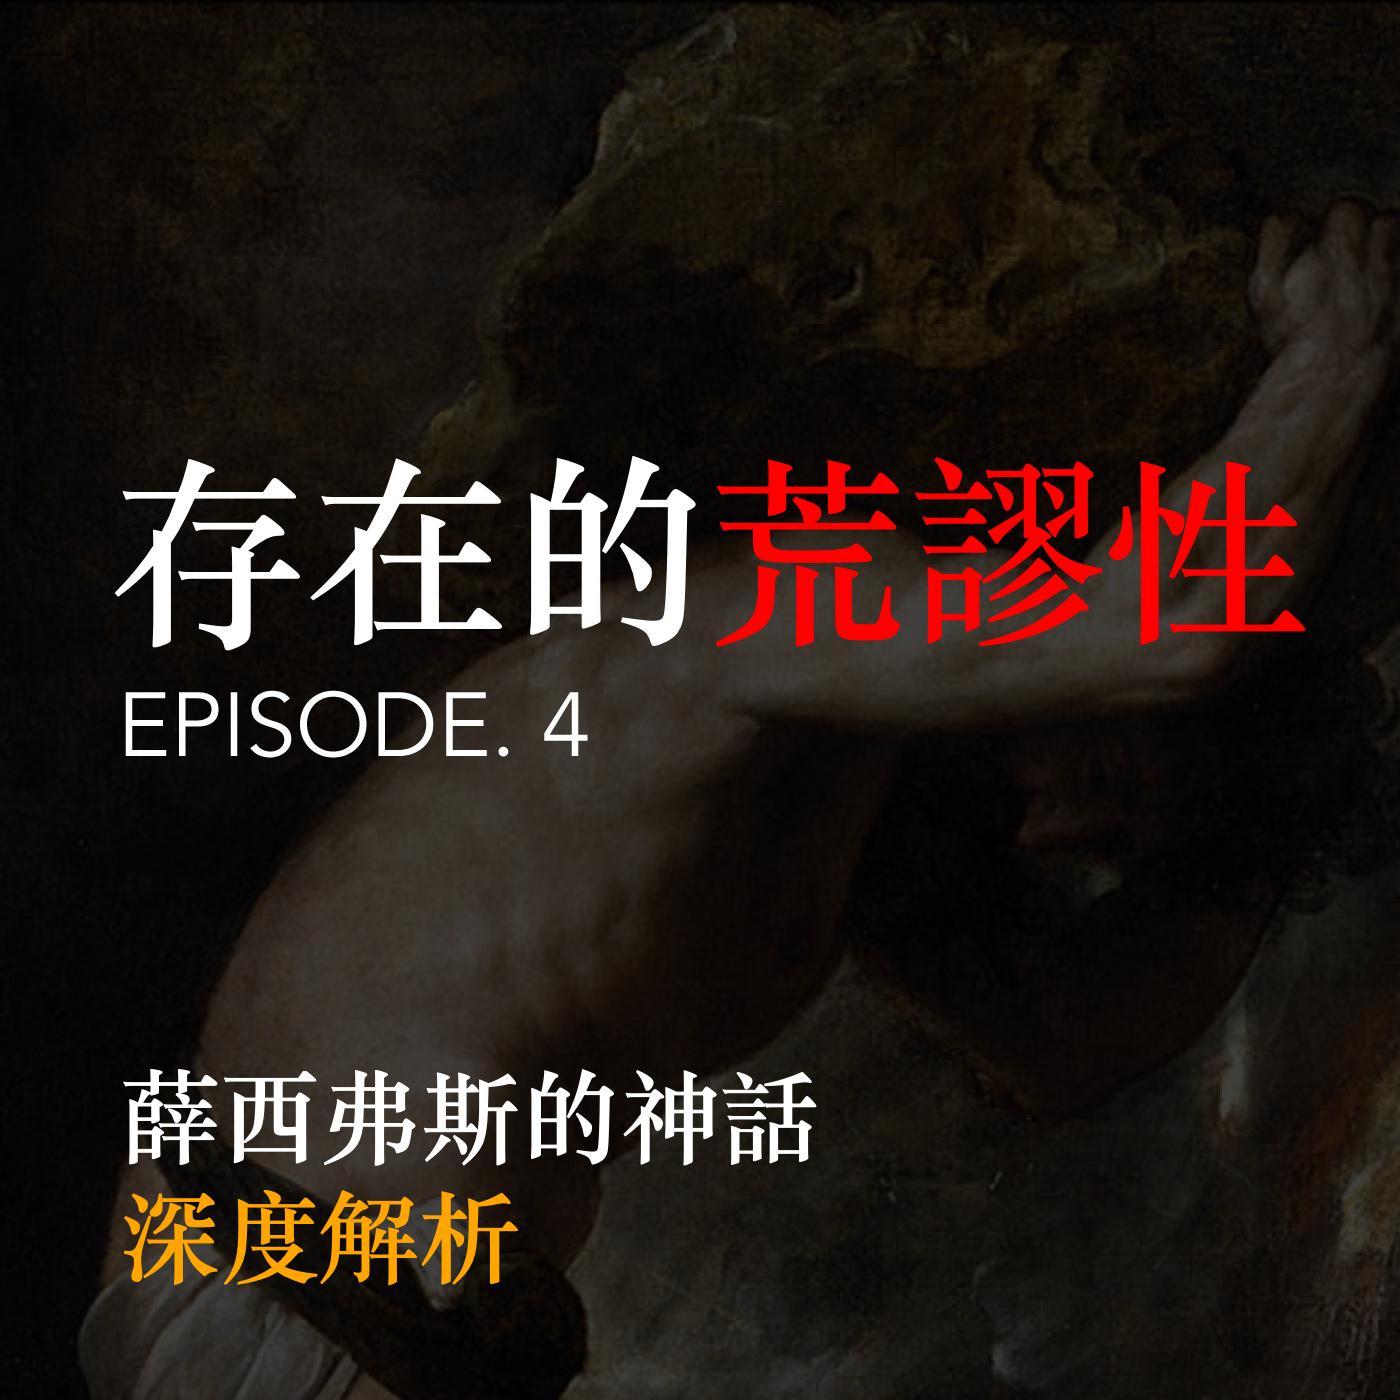 存在的荒謬性 EP.4 - 薛西弗斯的神話深度解析   挑戰荒謬高牆的勇士們